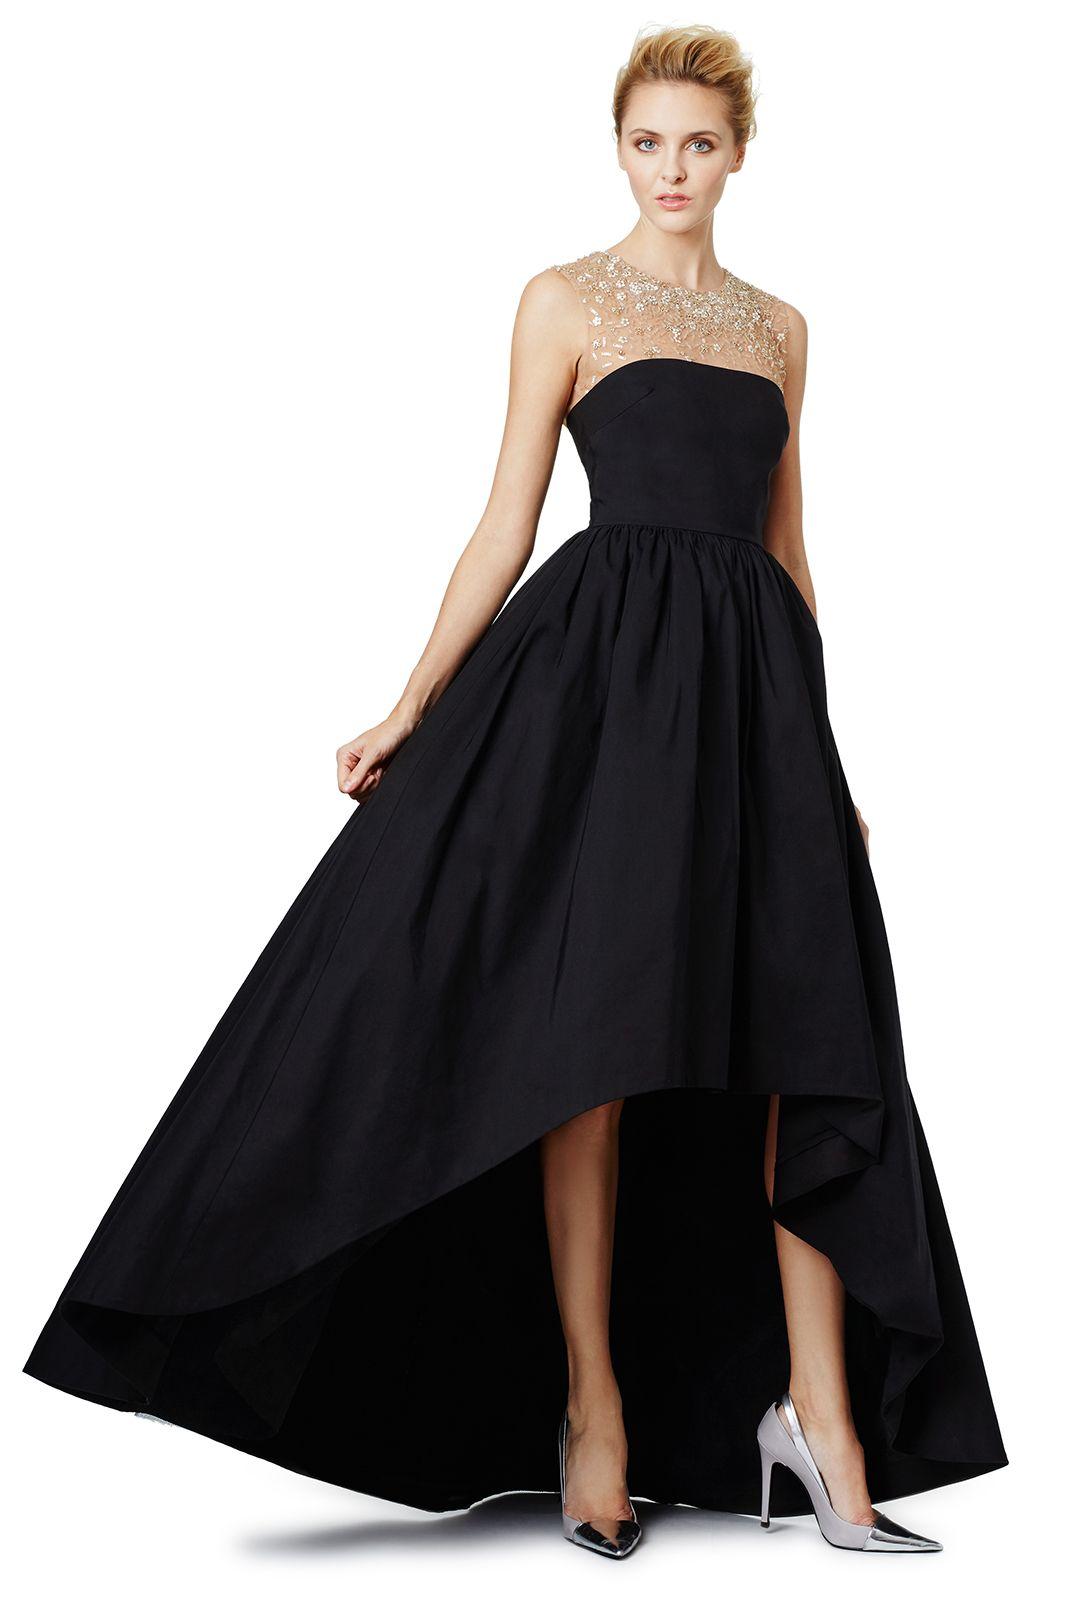 Stunning illusion neckline Marchesa gown | opera. | Pinterest